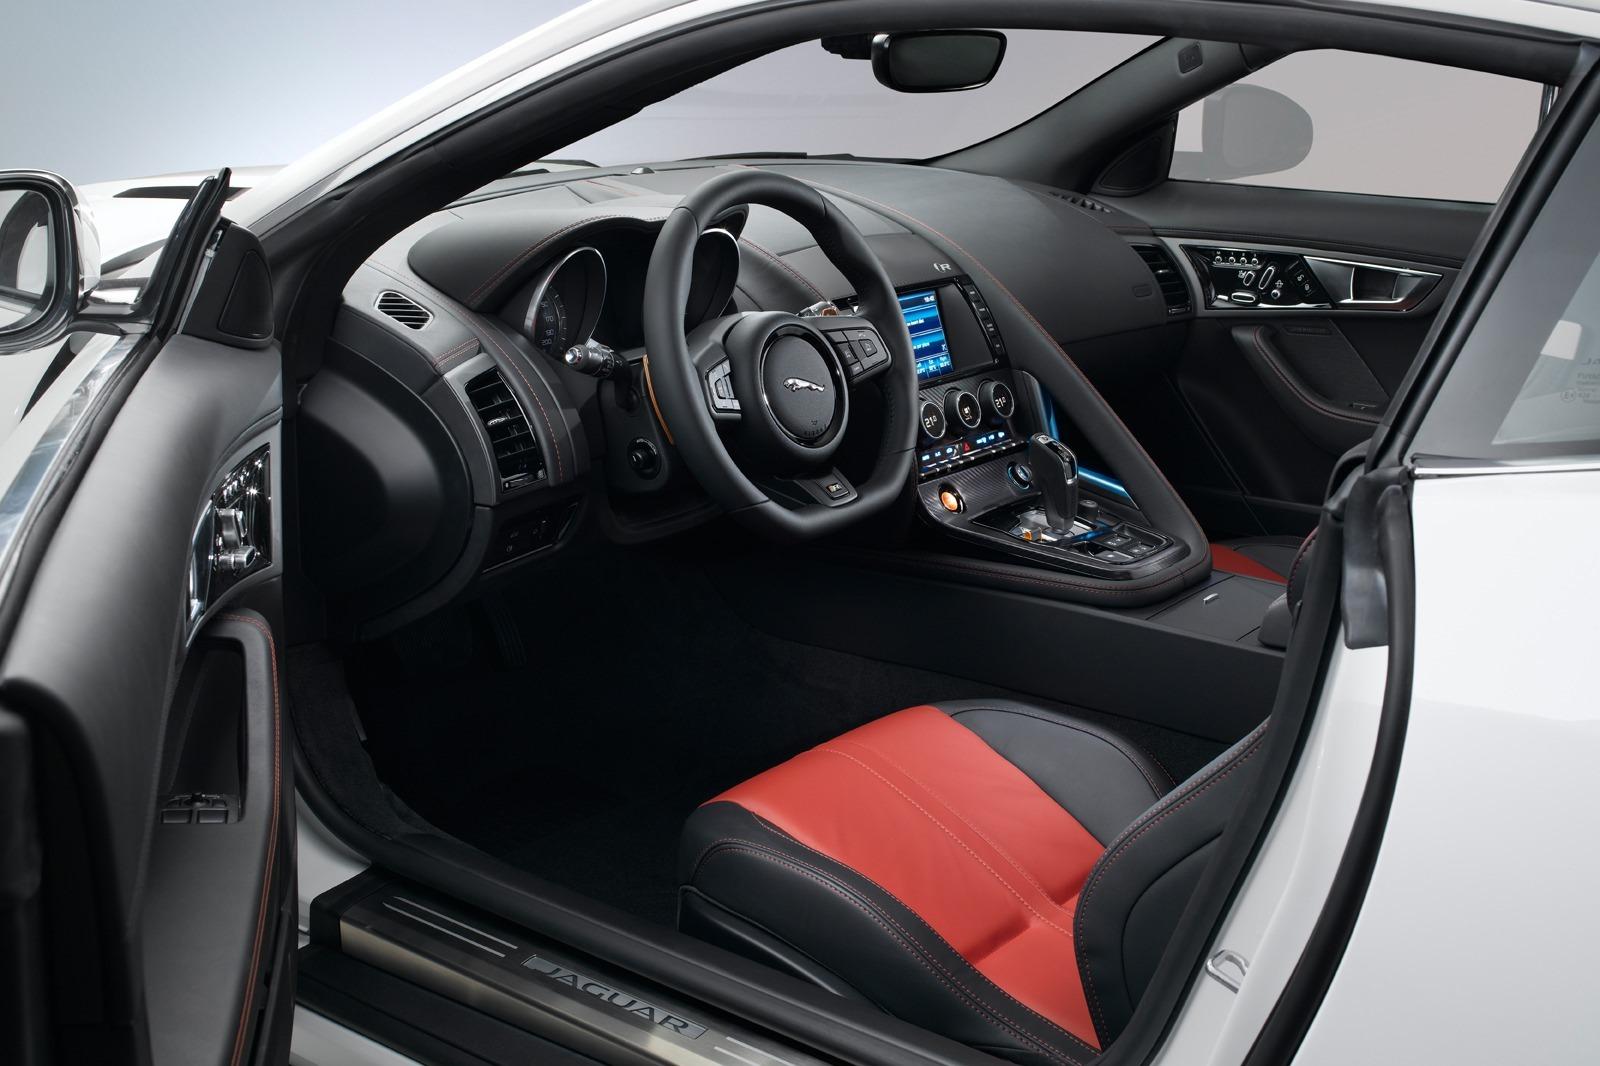 2012 - [Jaguar] F-Type - Page 12 New-Jaguar-F-Type-Coupe-67%25255B2%25255D